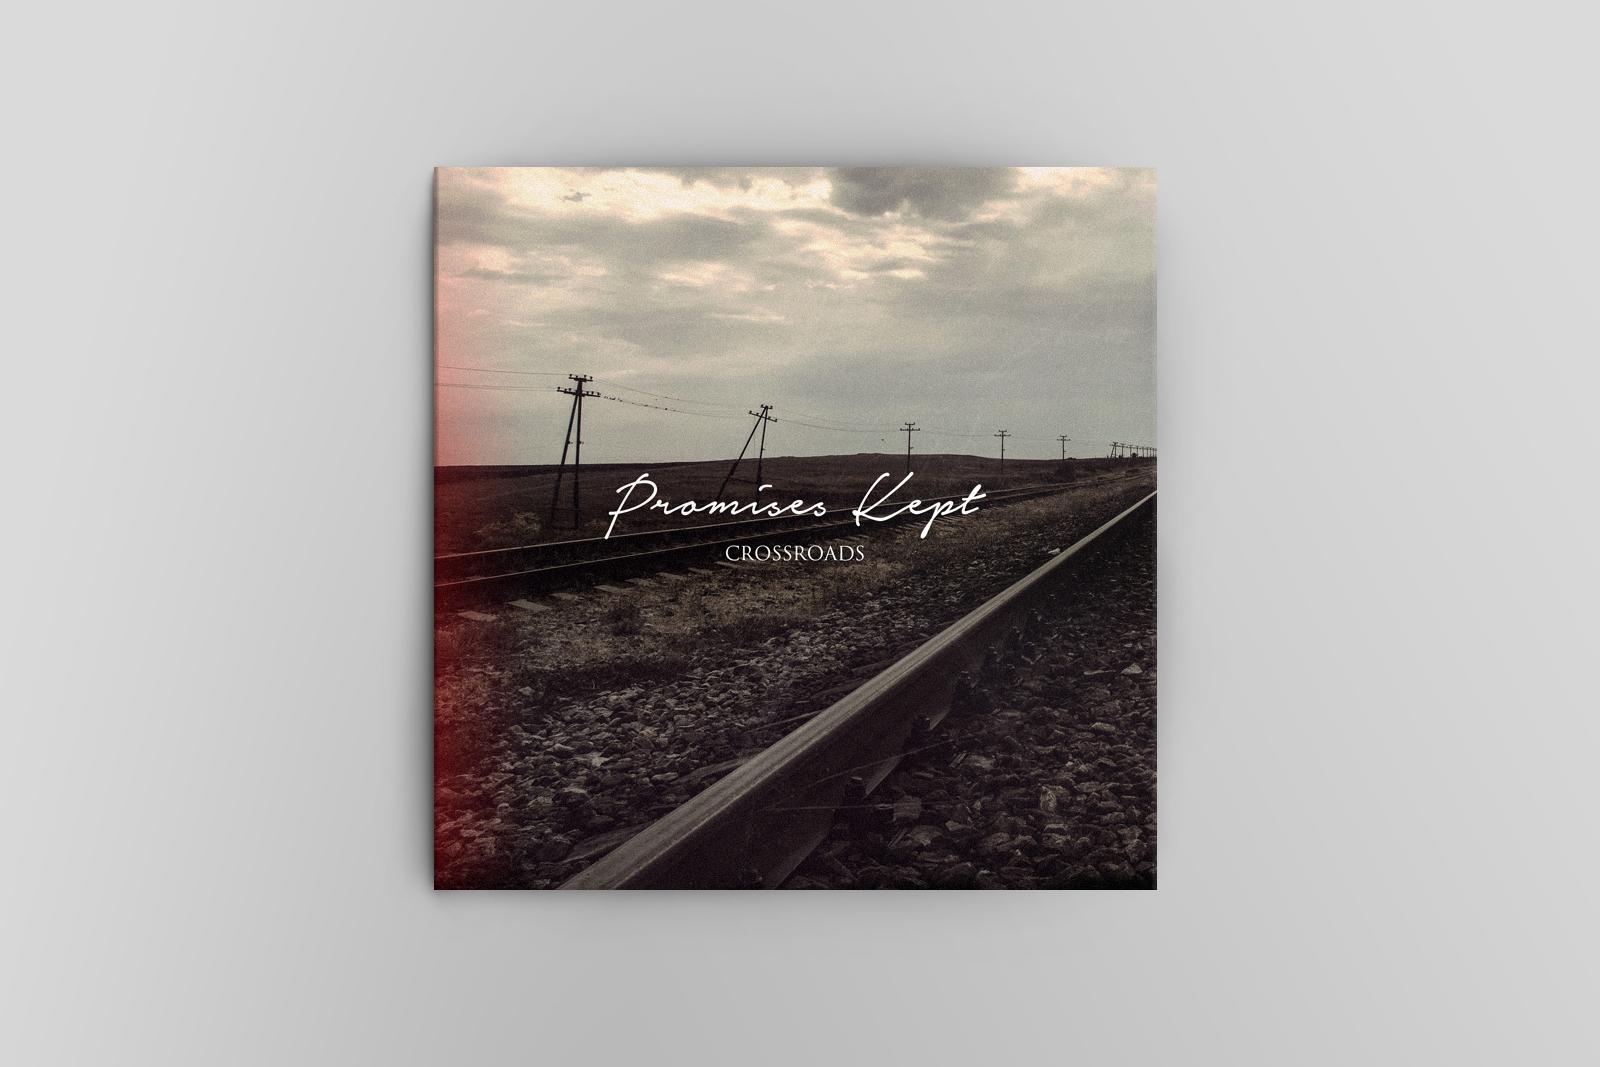 Promises Kept, CD Artwork, Crossroads